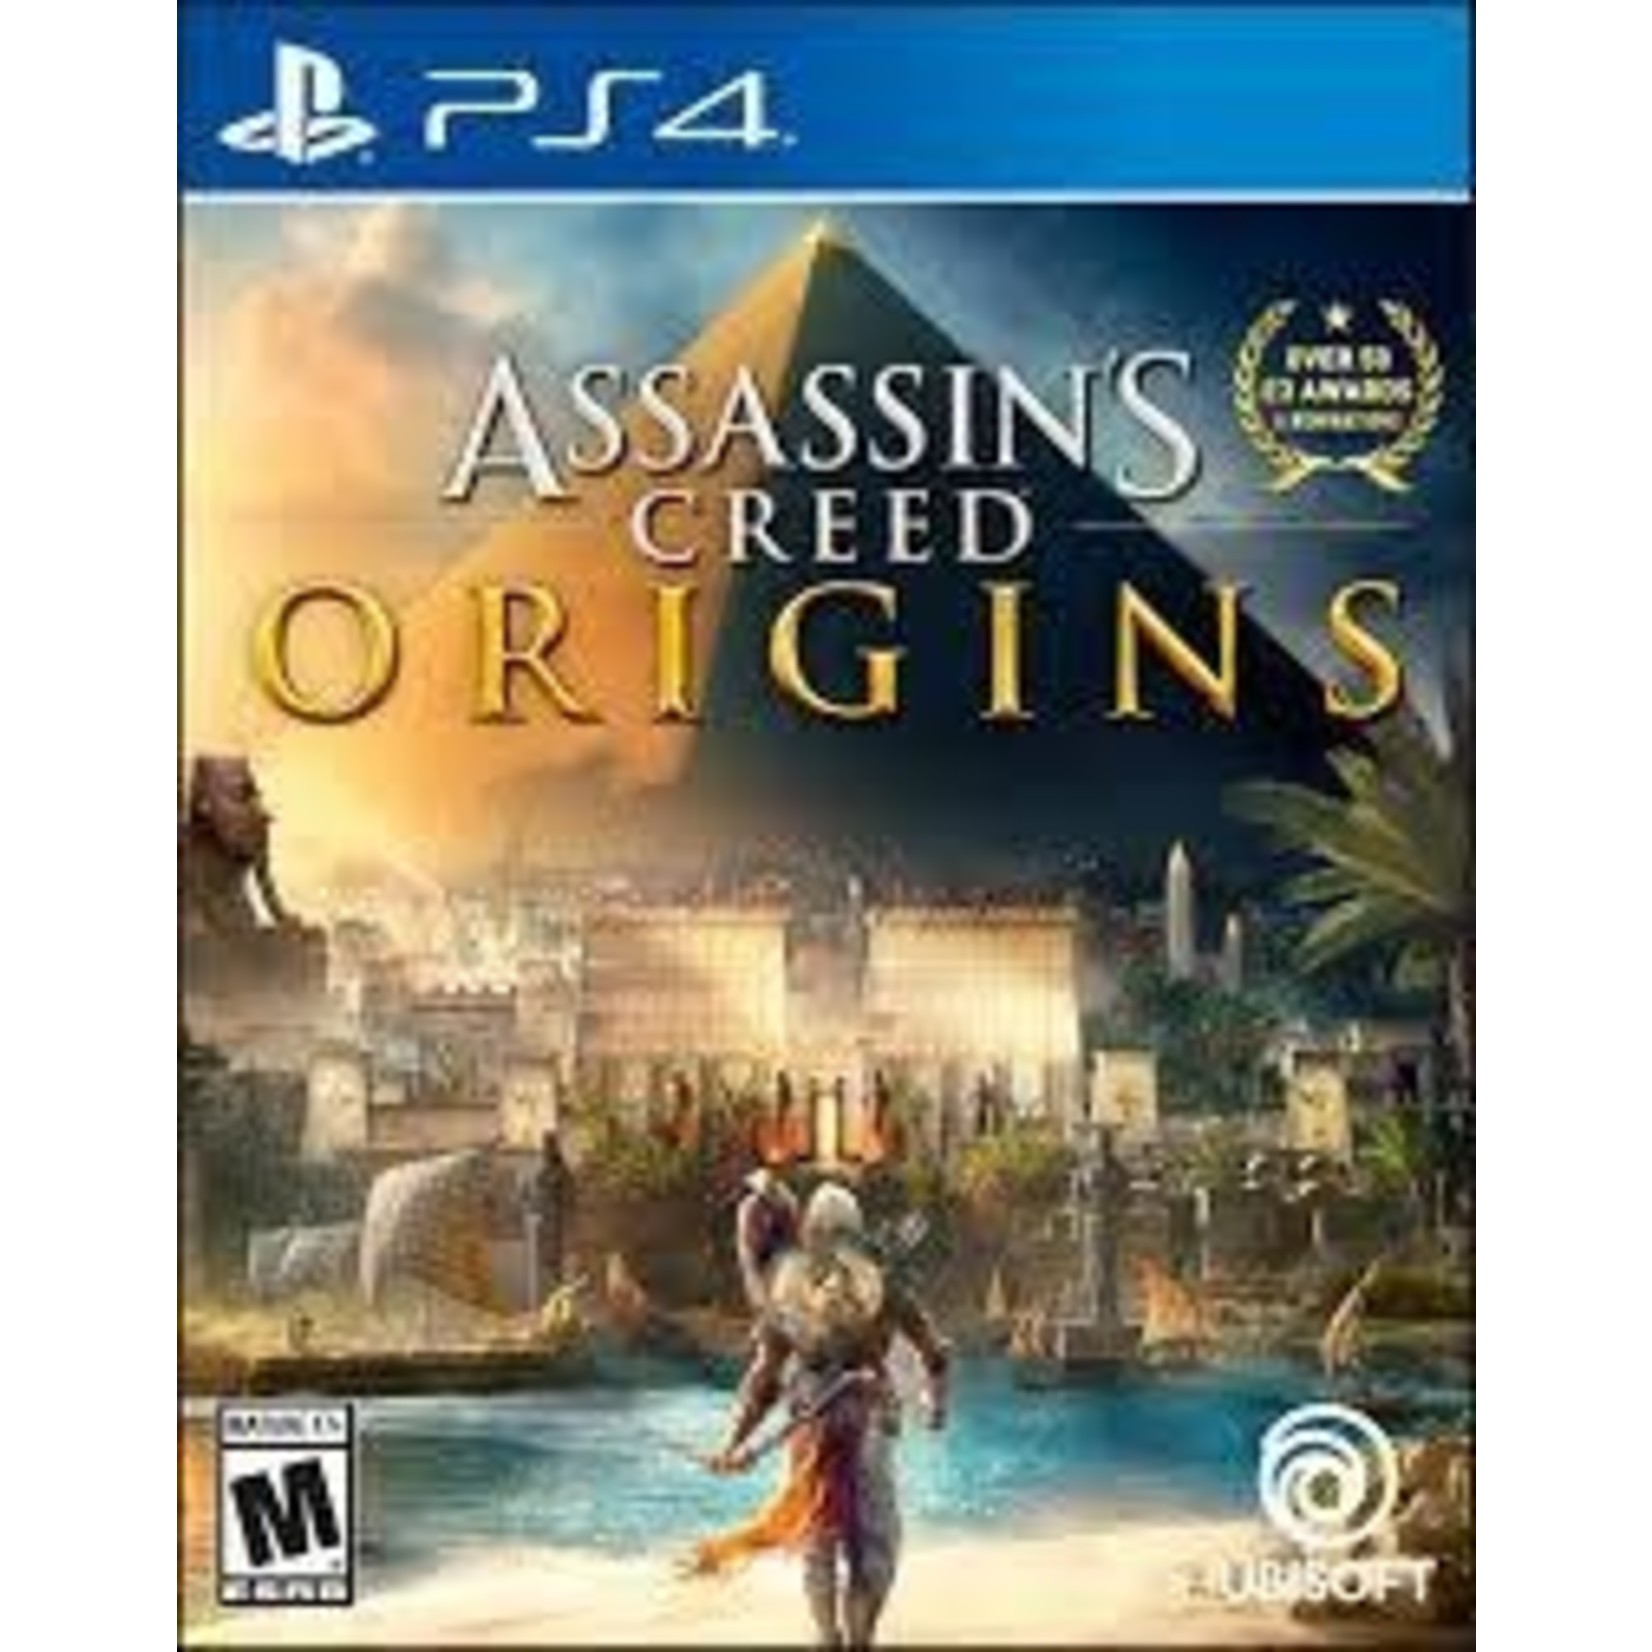 PS4U-Assassin's Creed: Origins